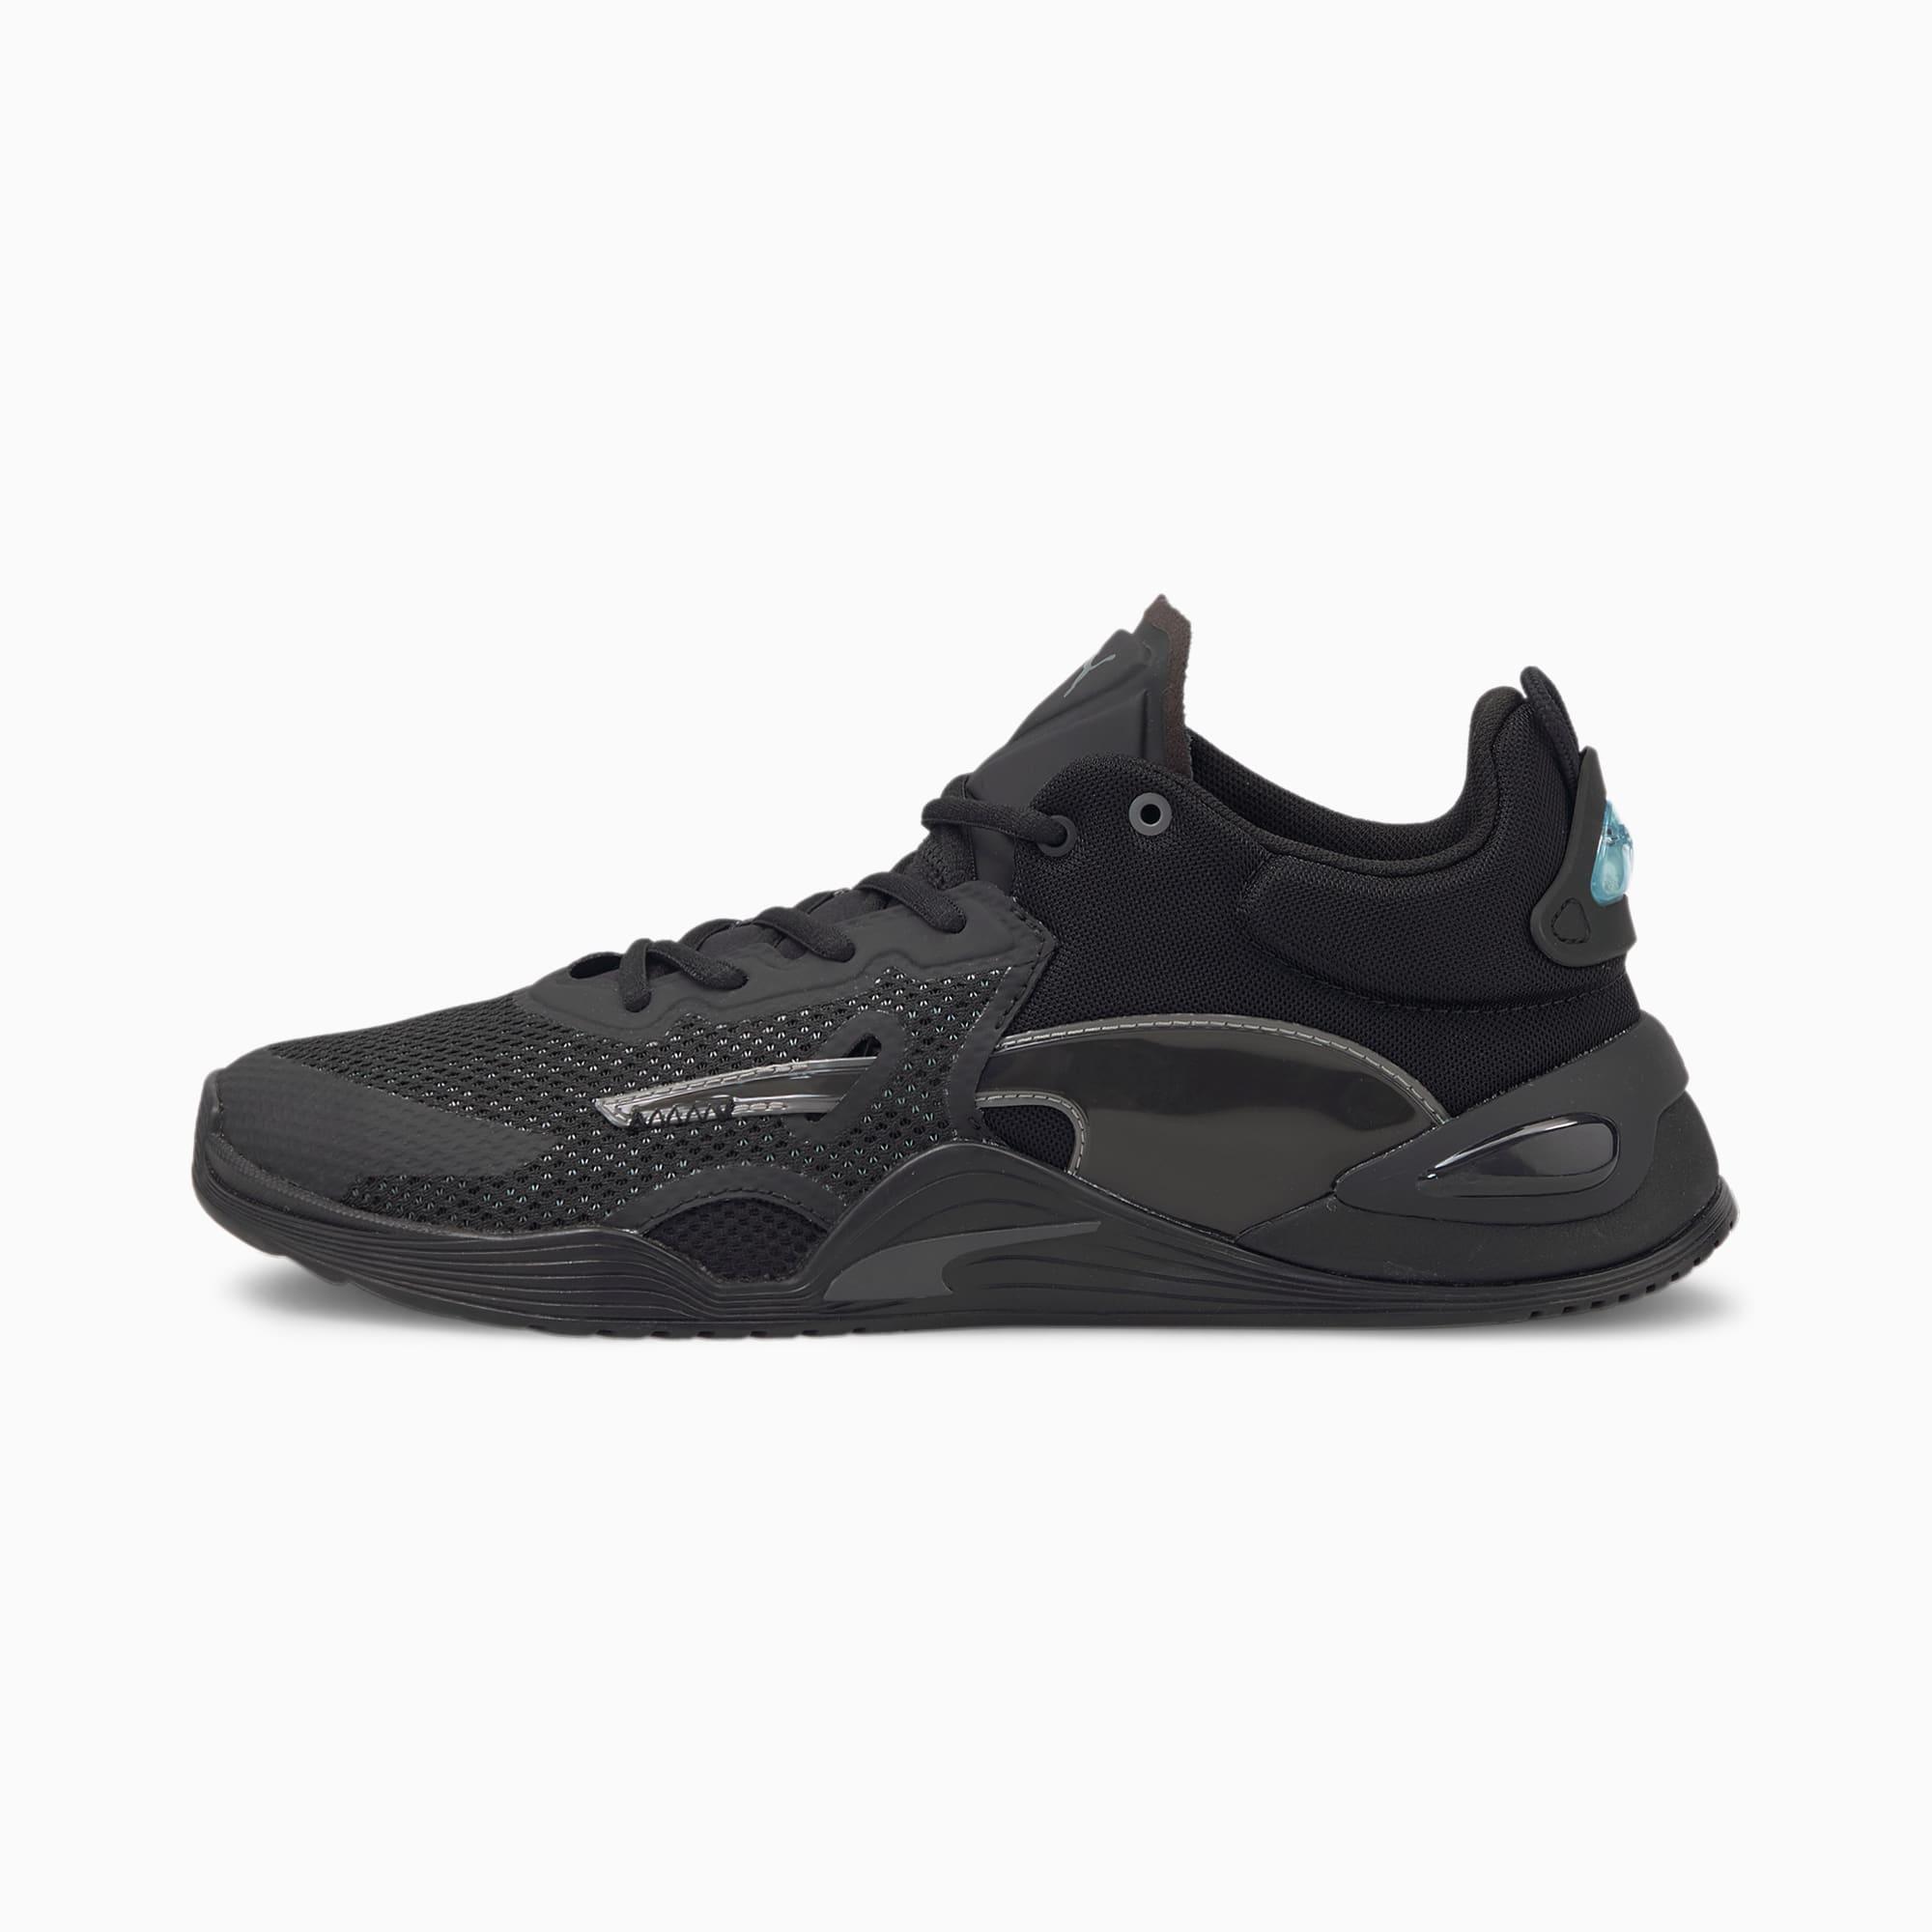 Chaussures de sport FUSE homme